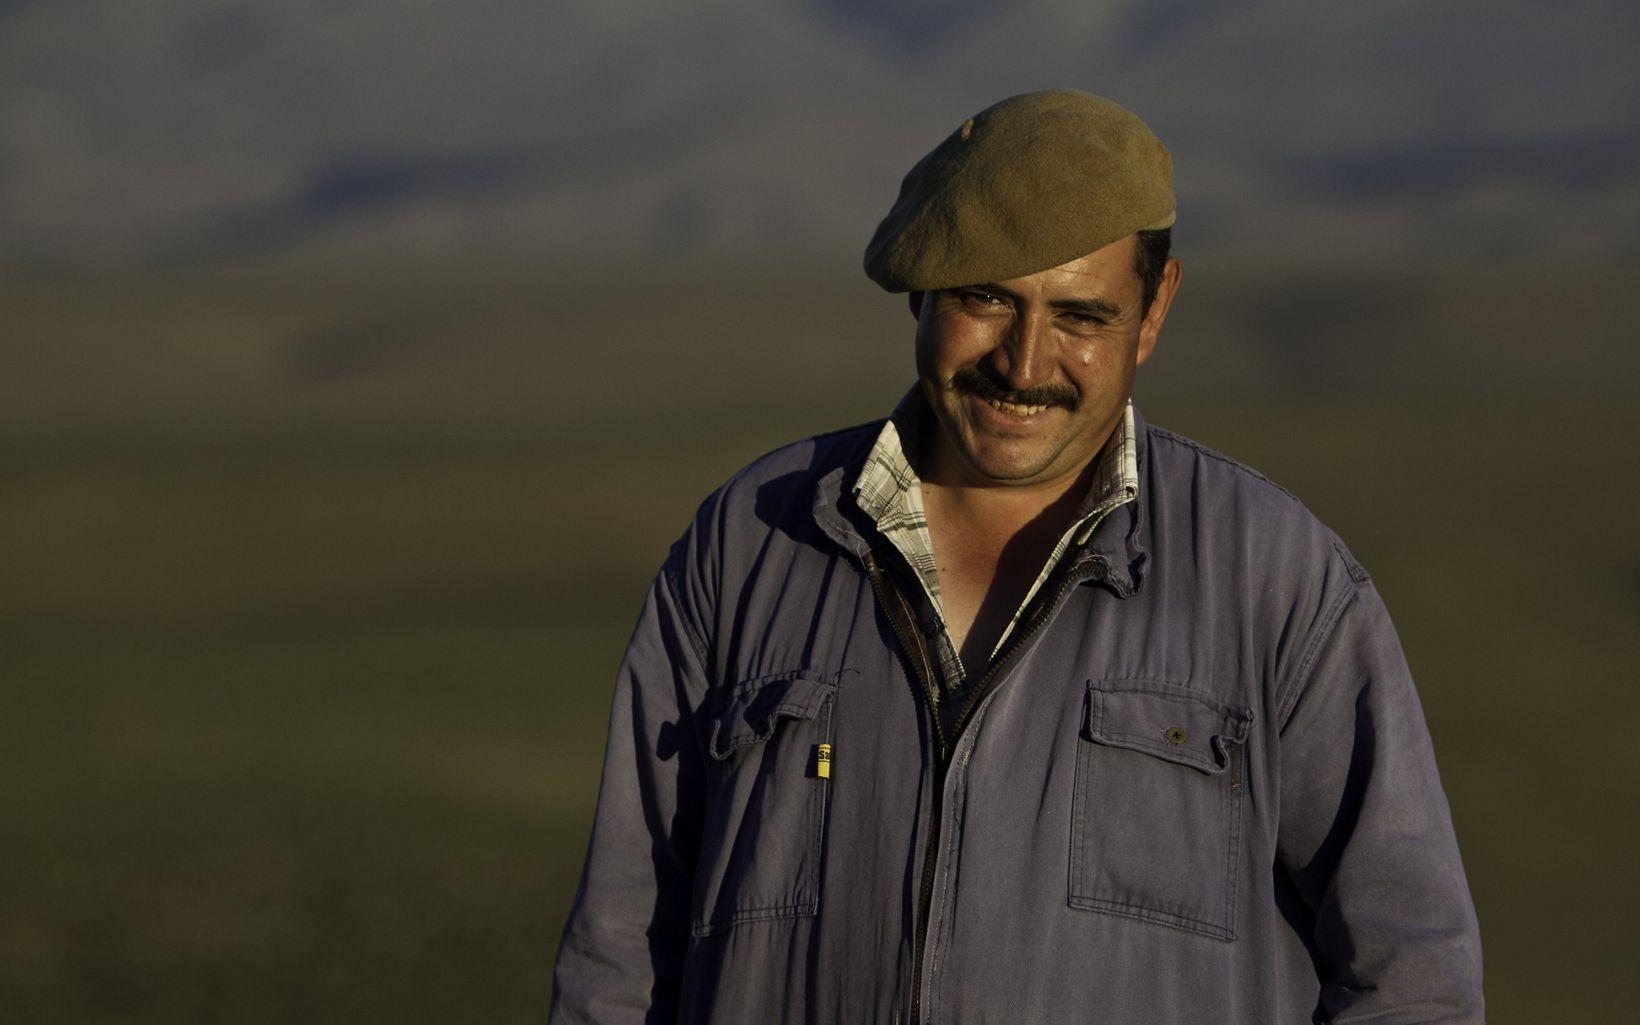 Hombre sonriente en la Pampa, Argentina